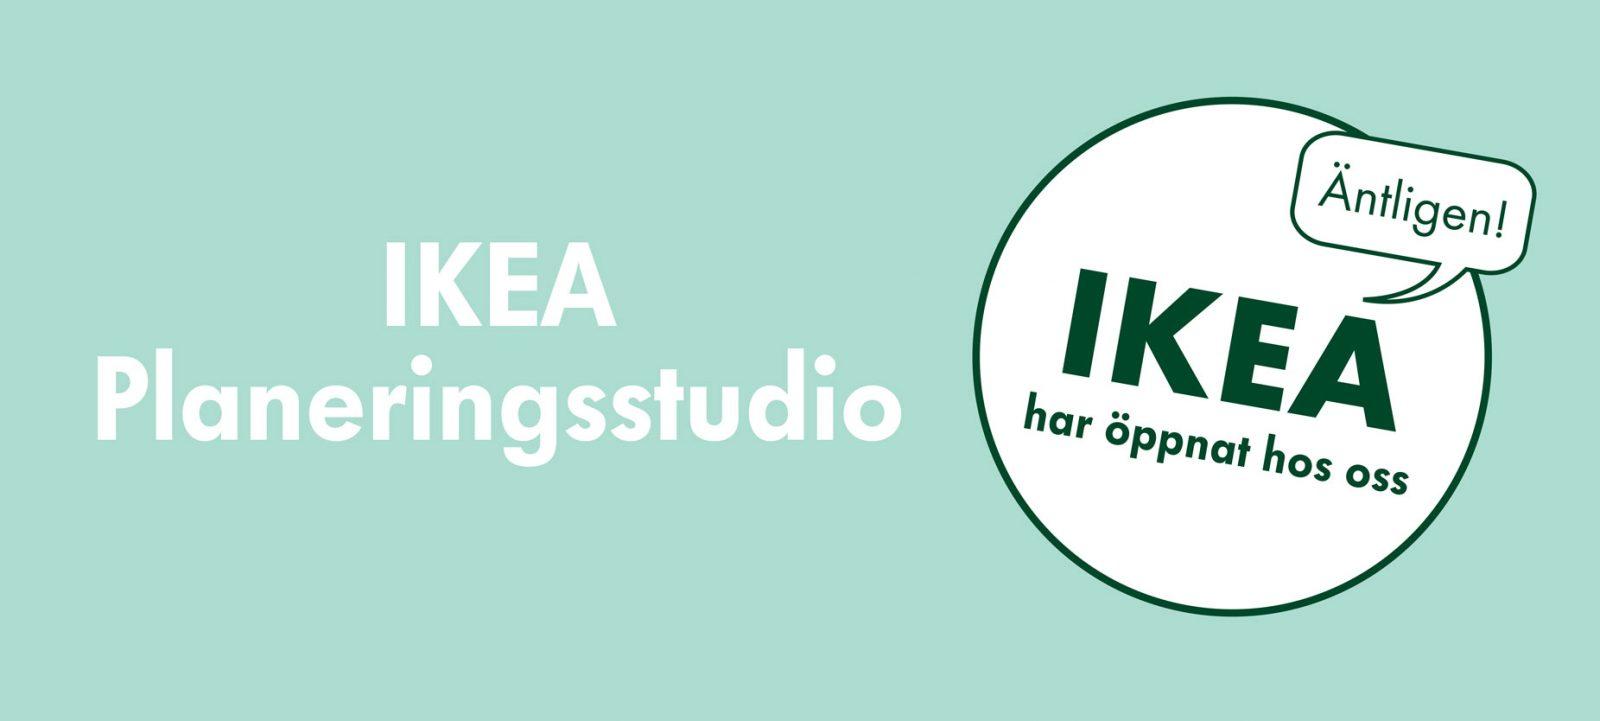 IKEA Planeringsstudio på Nova